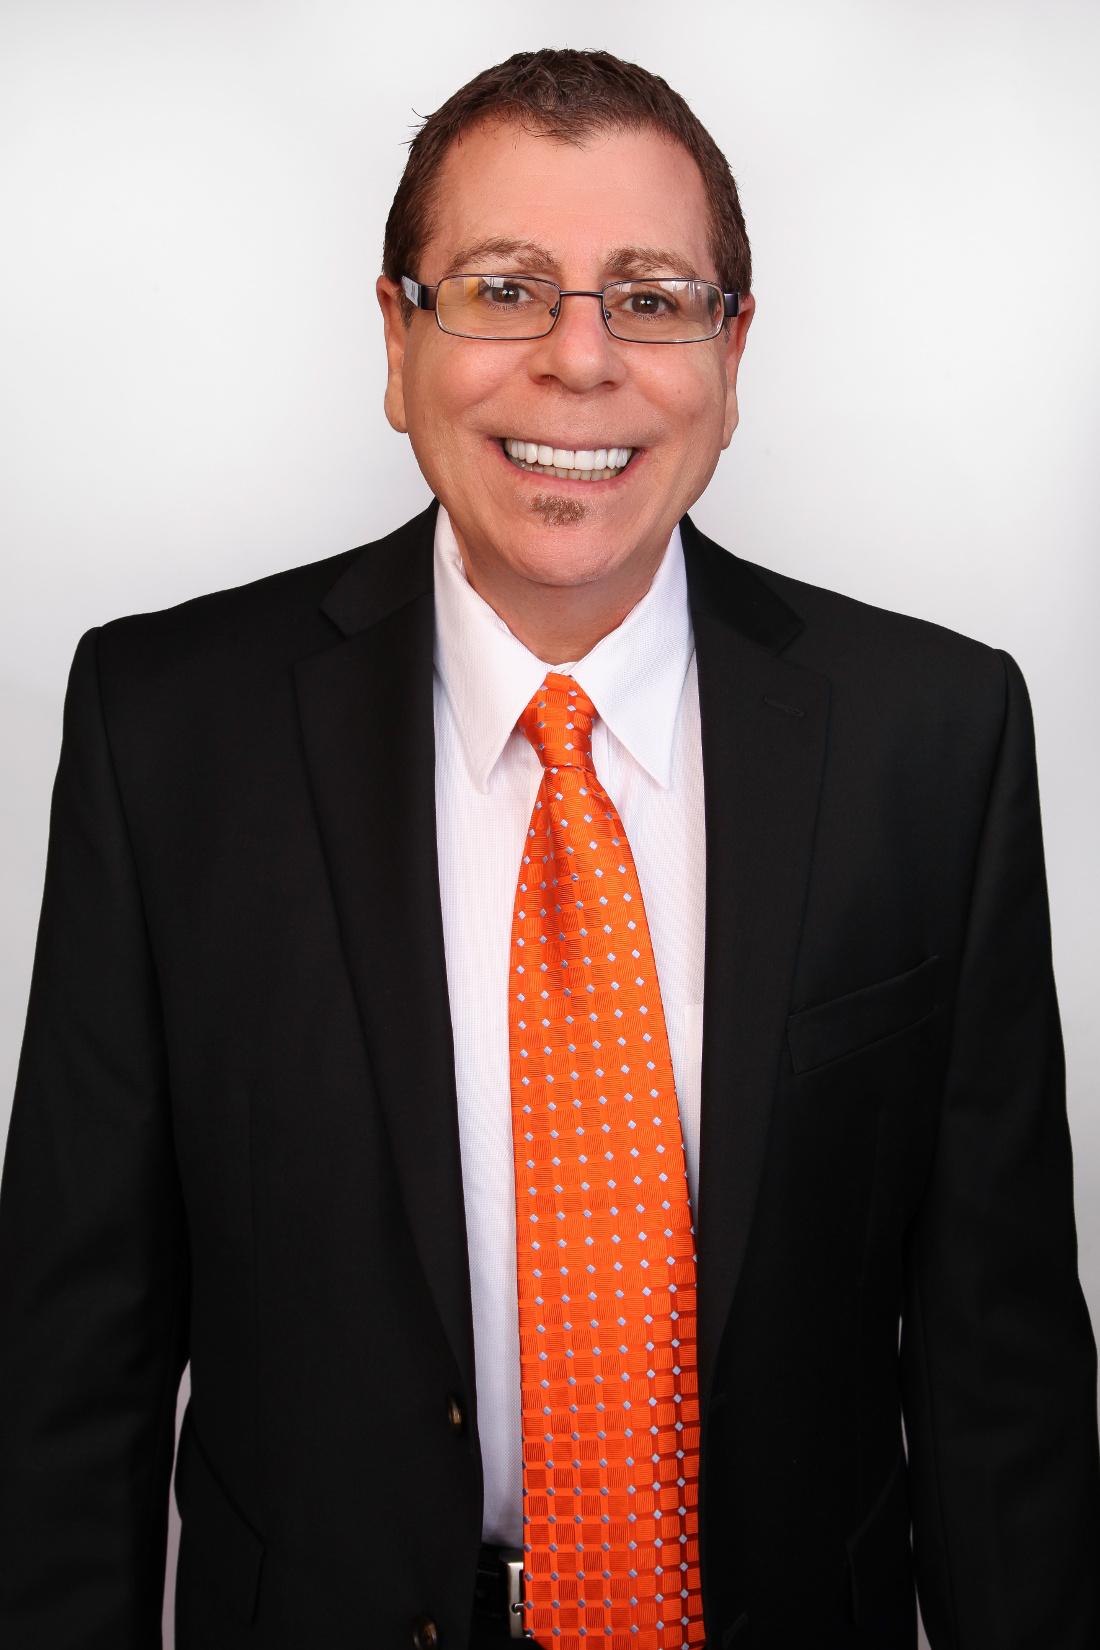 Steve Shammah